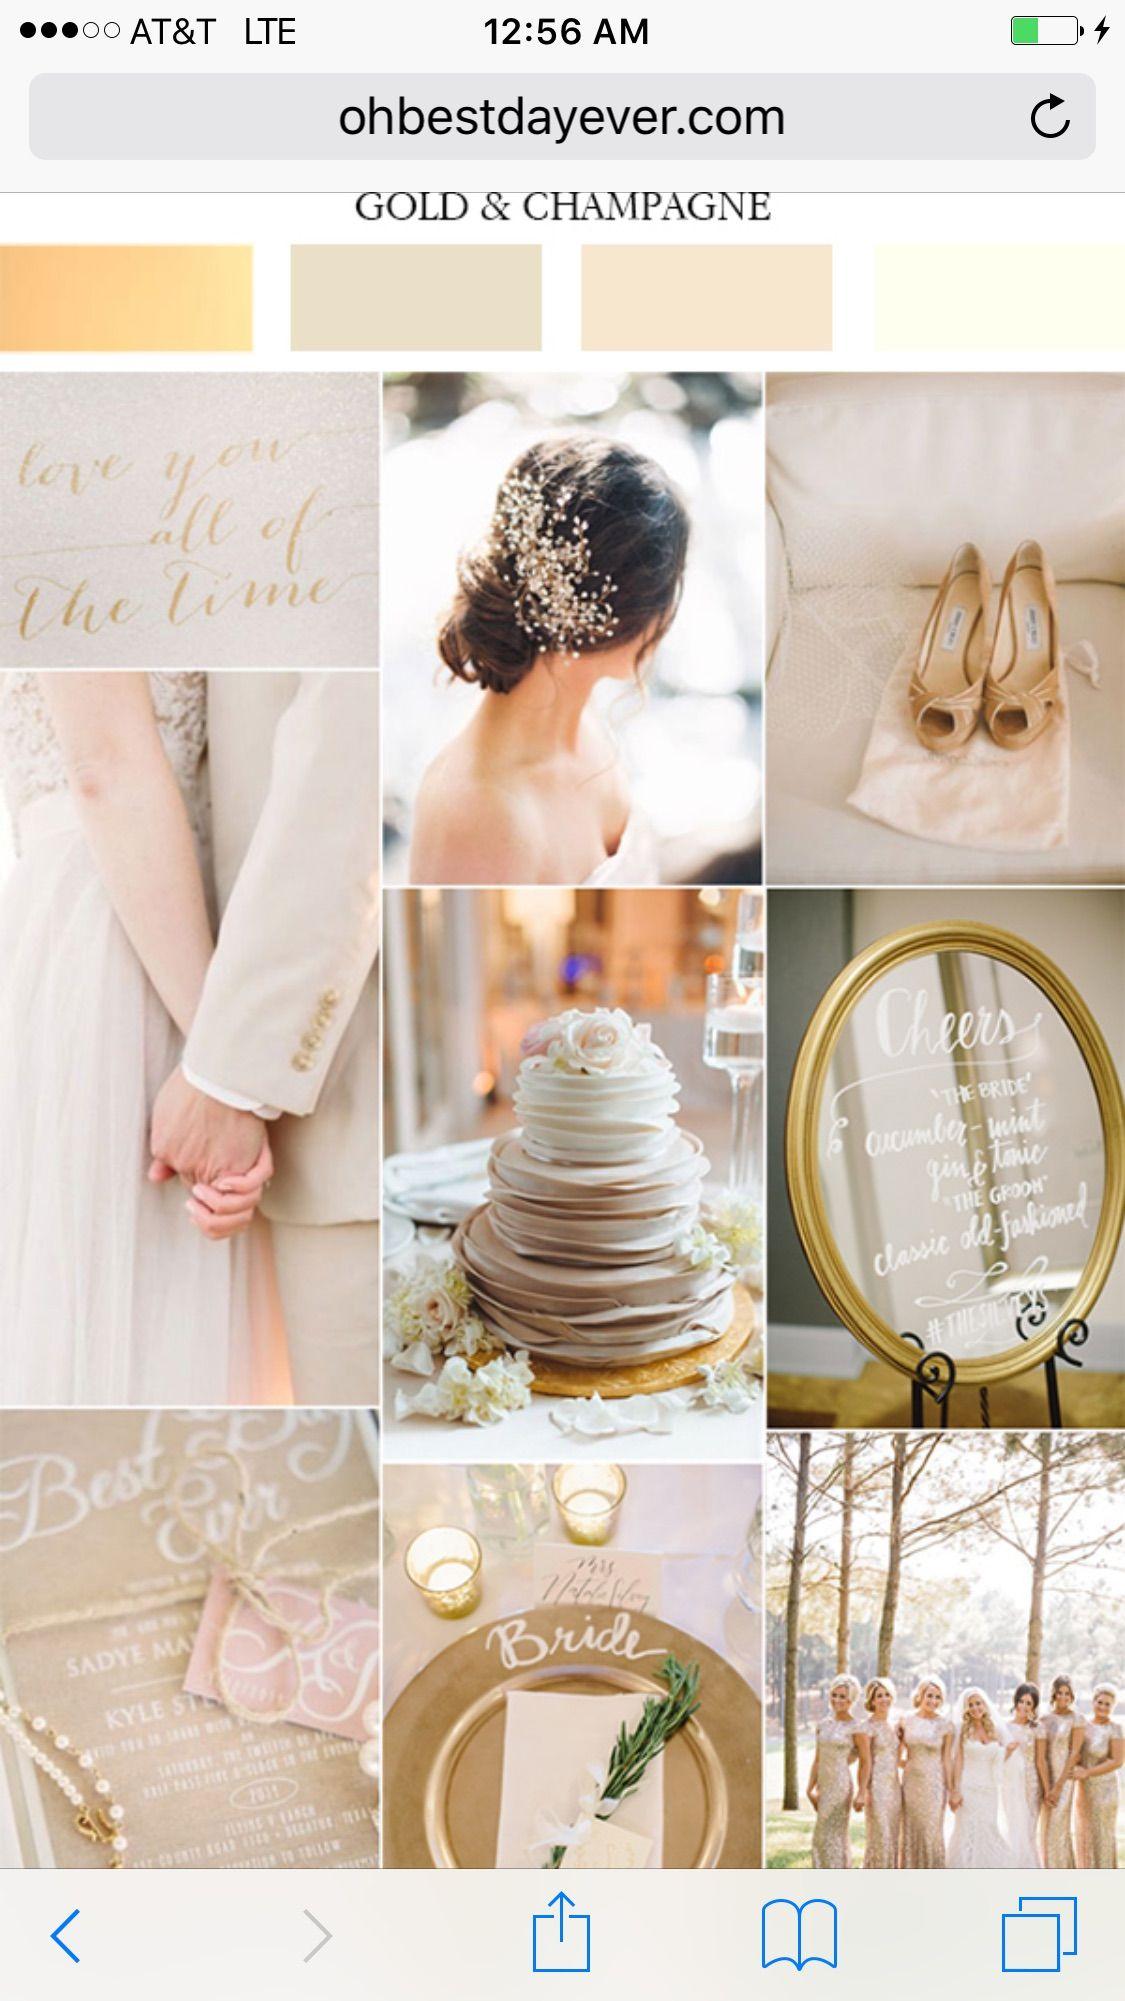 Pin by Erika on Lanai Wedding in 2019 Champagne wedding